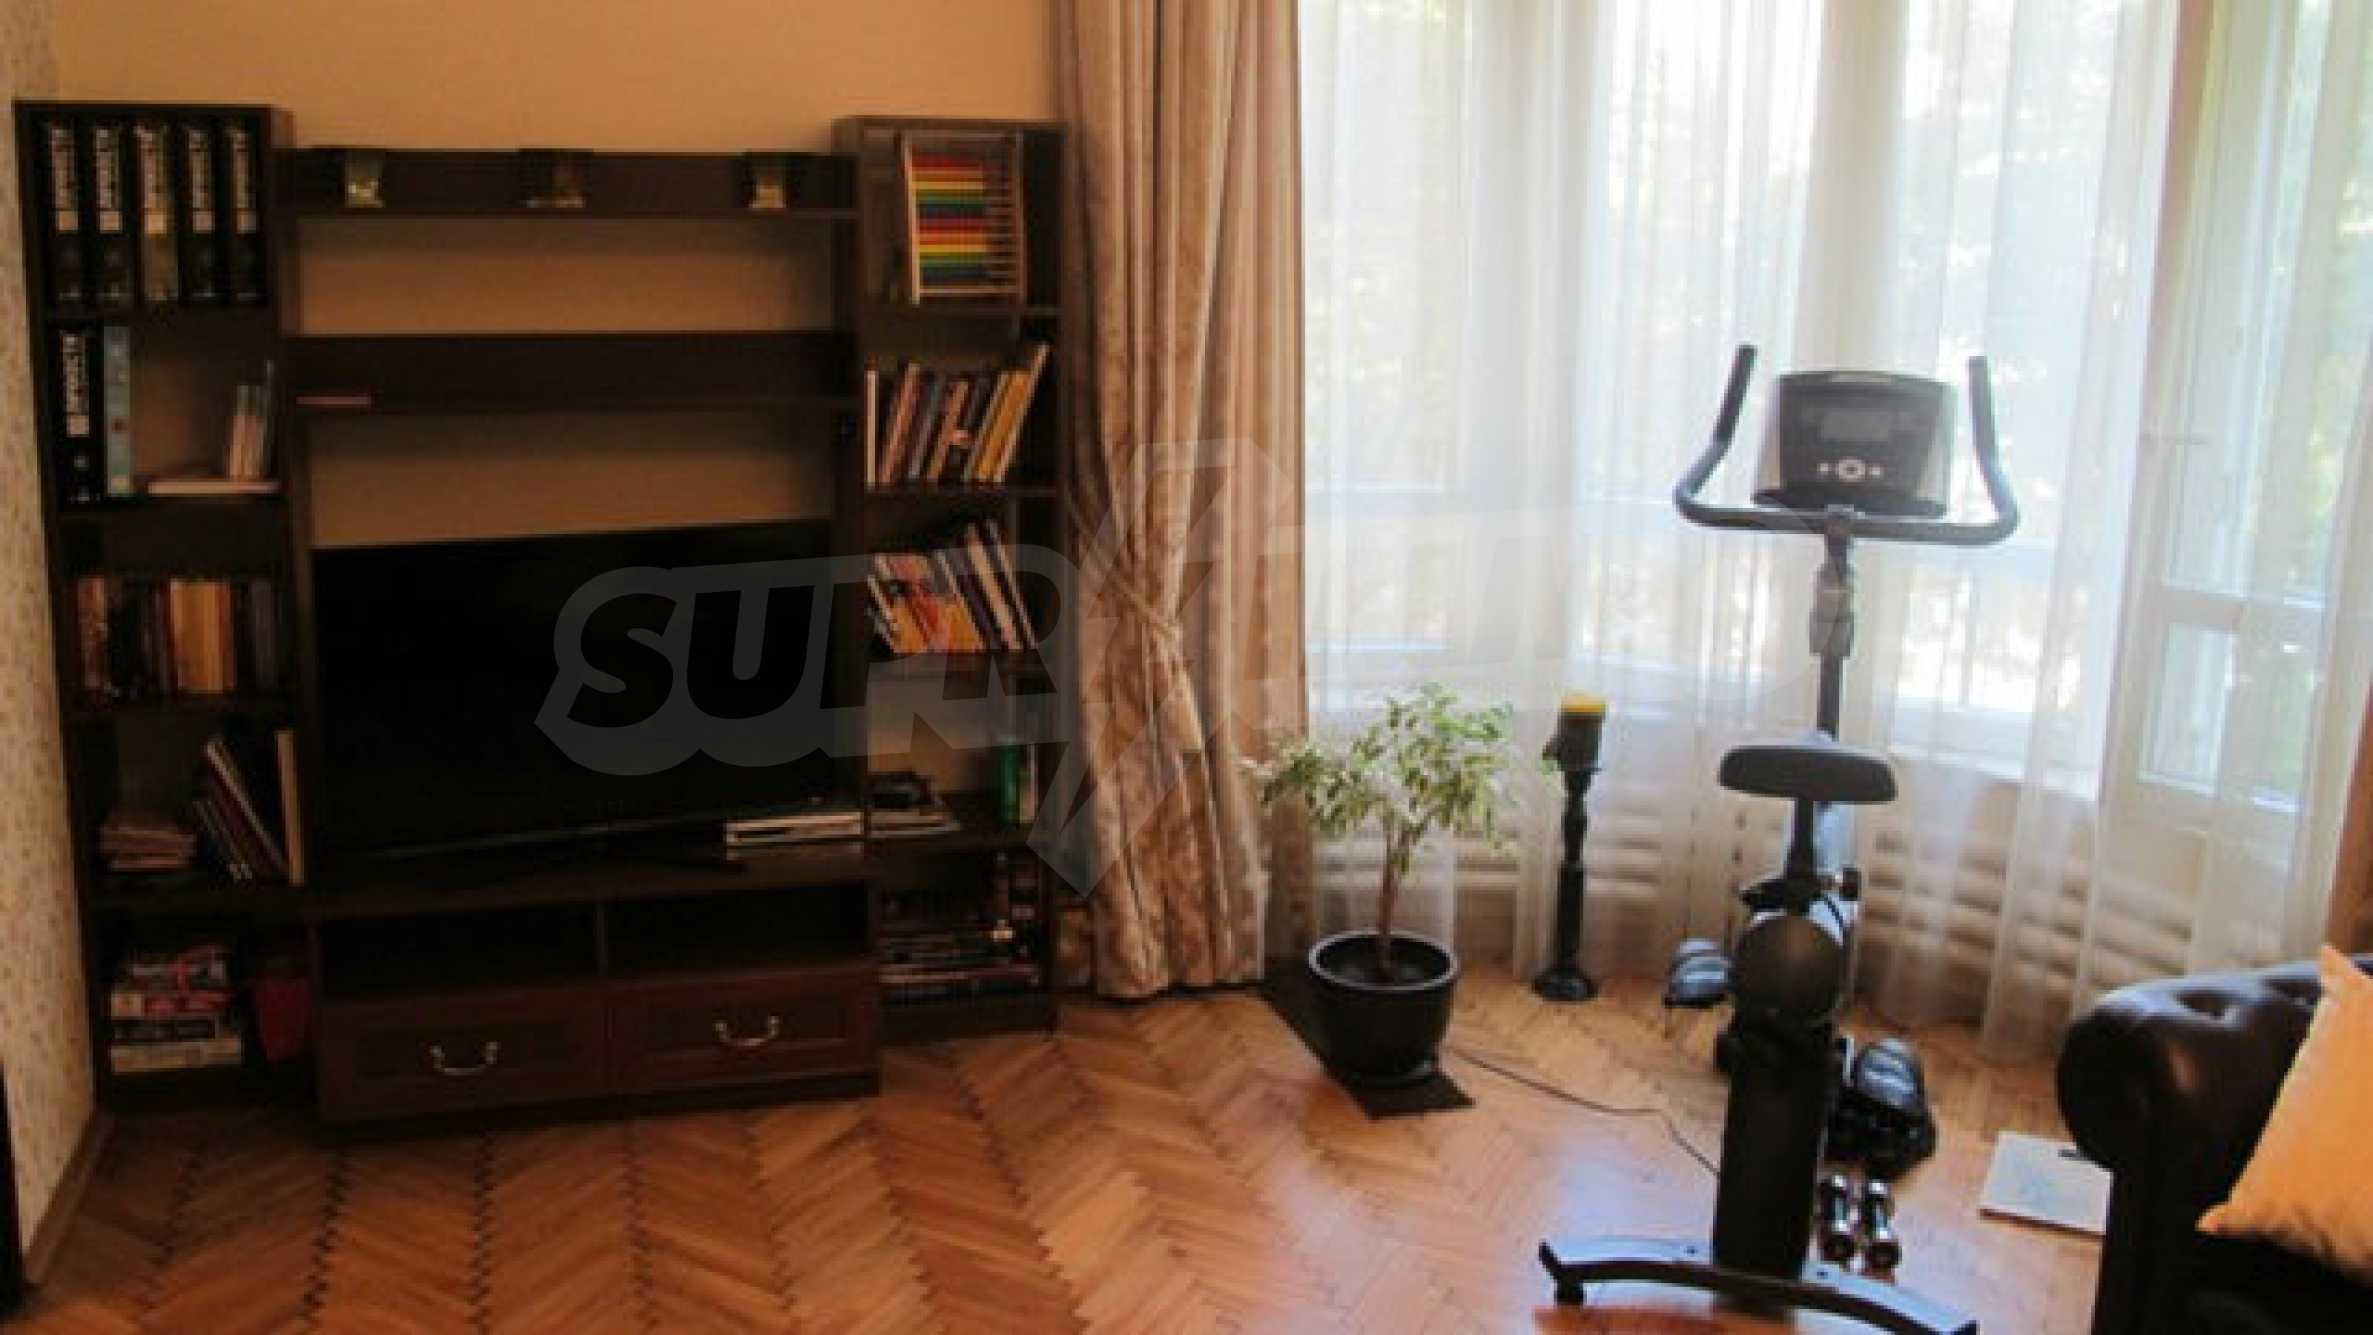 Zwei-Zimmer-Wohnung in einem idealen Zentrum 11